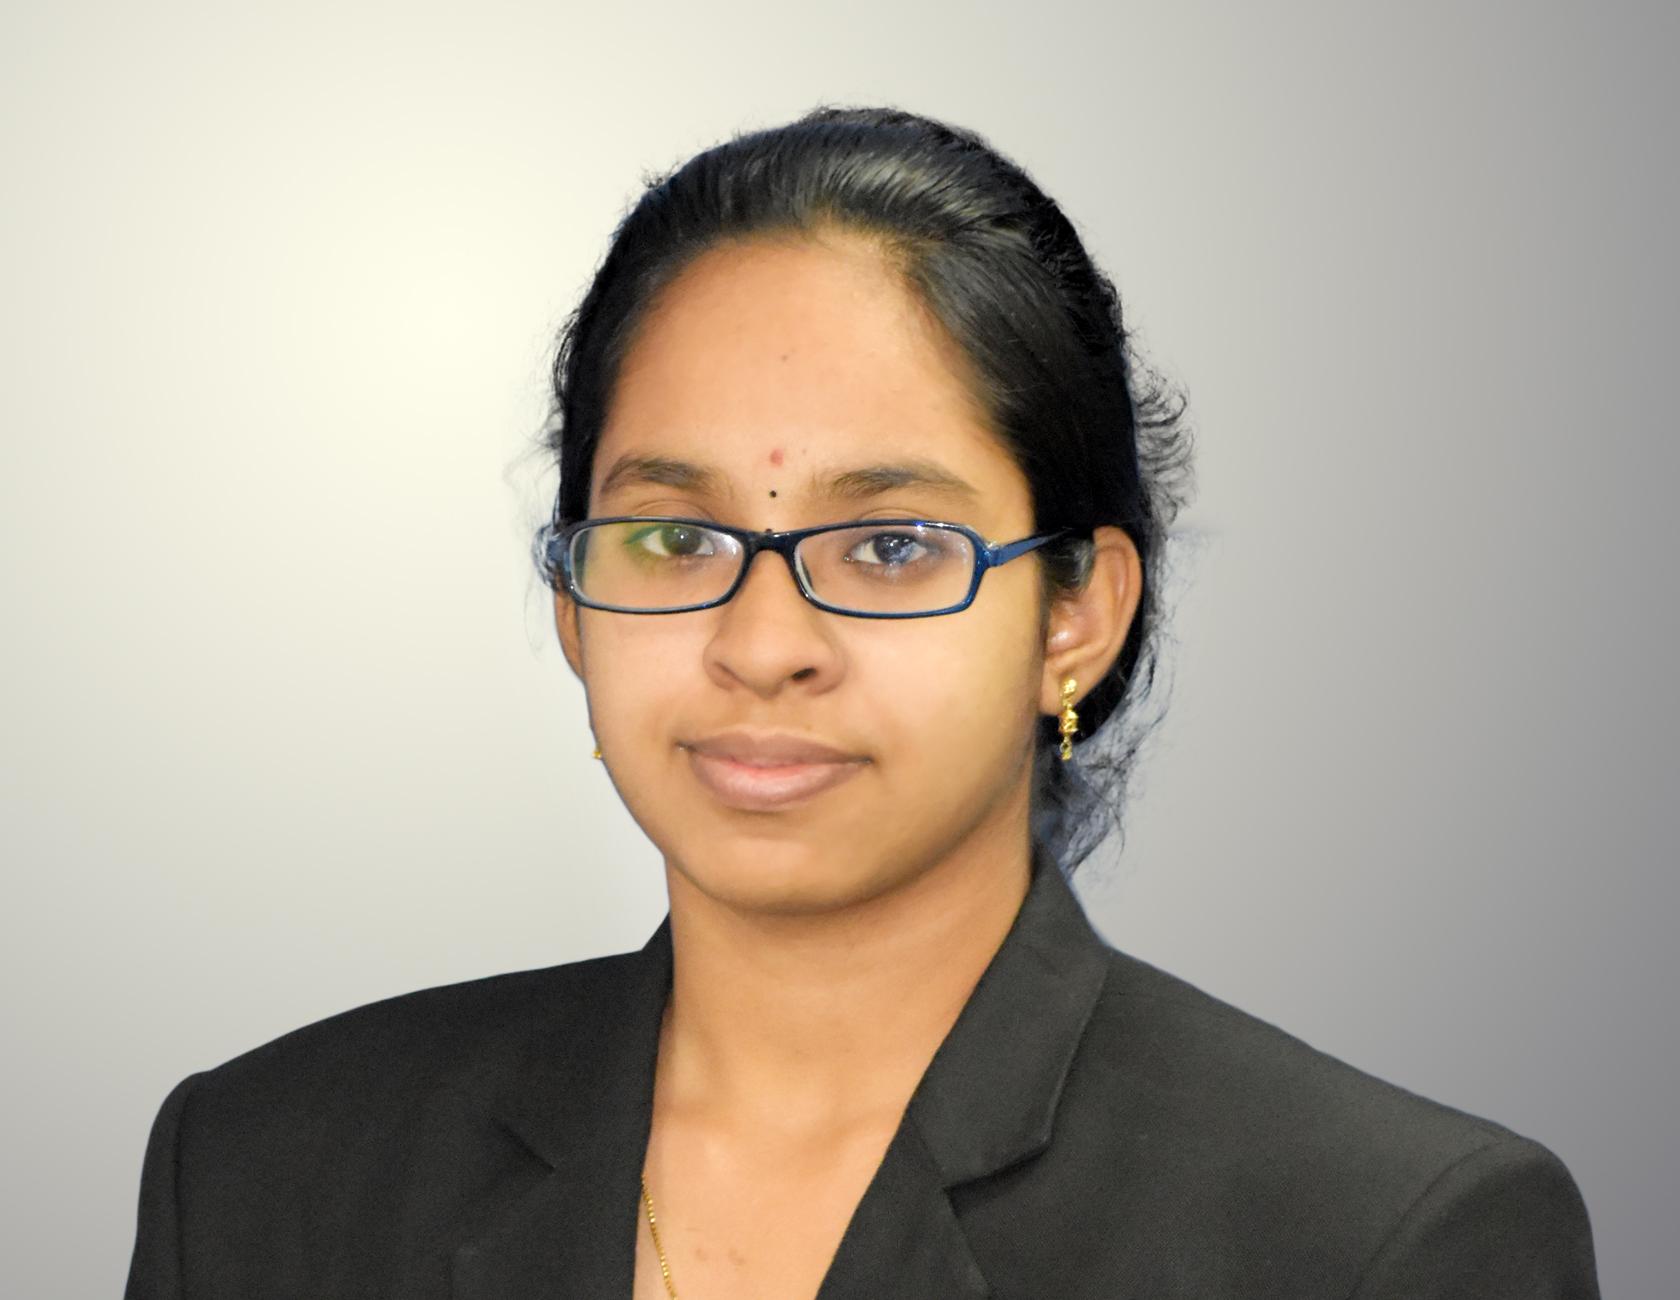 Supriya Sunkara